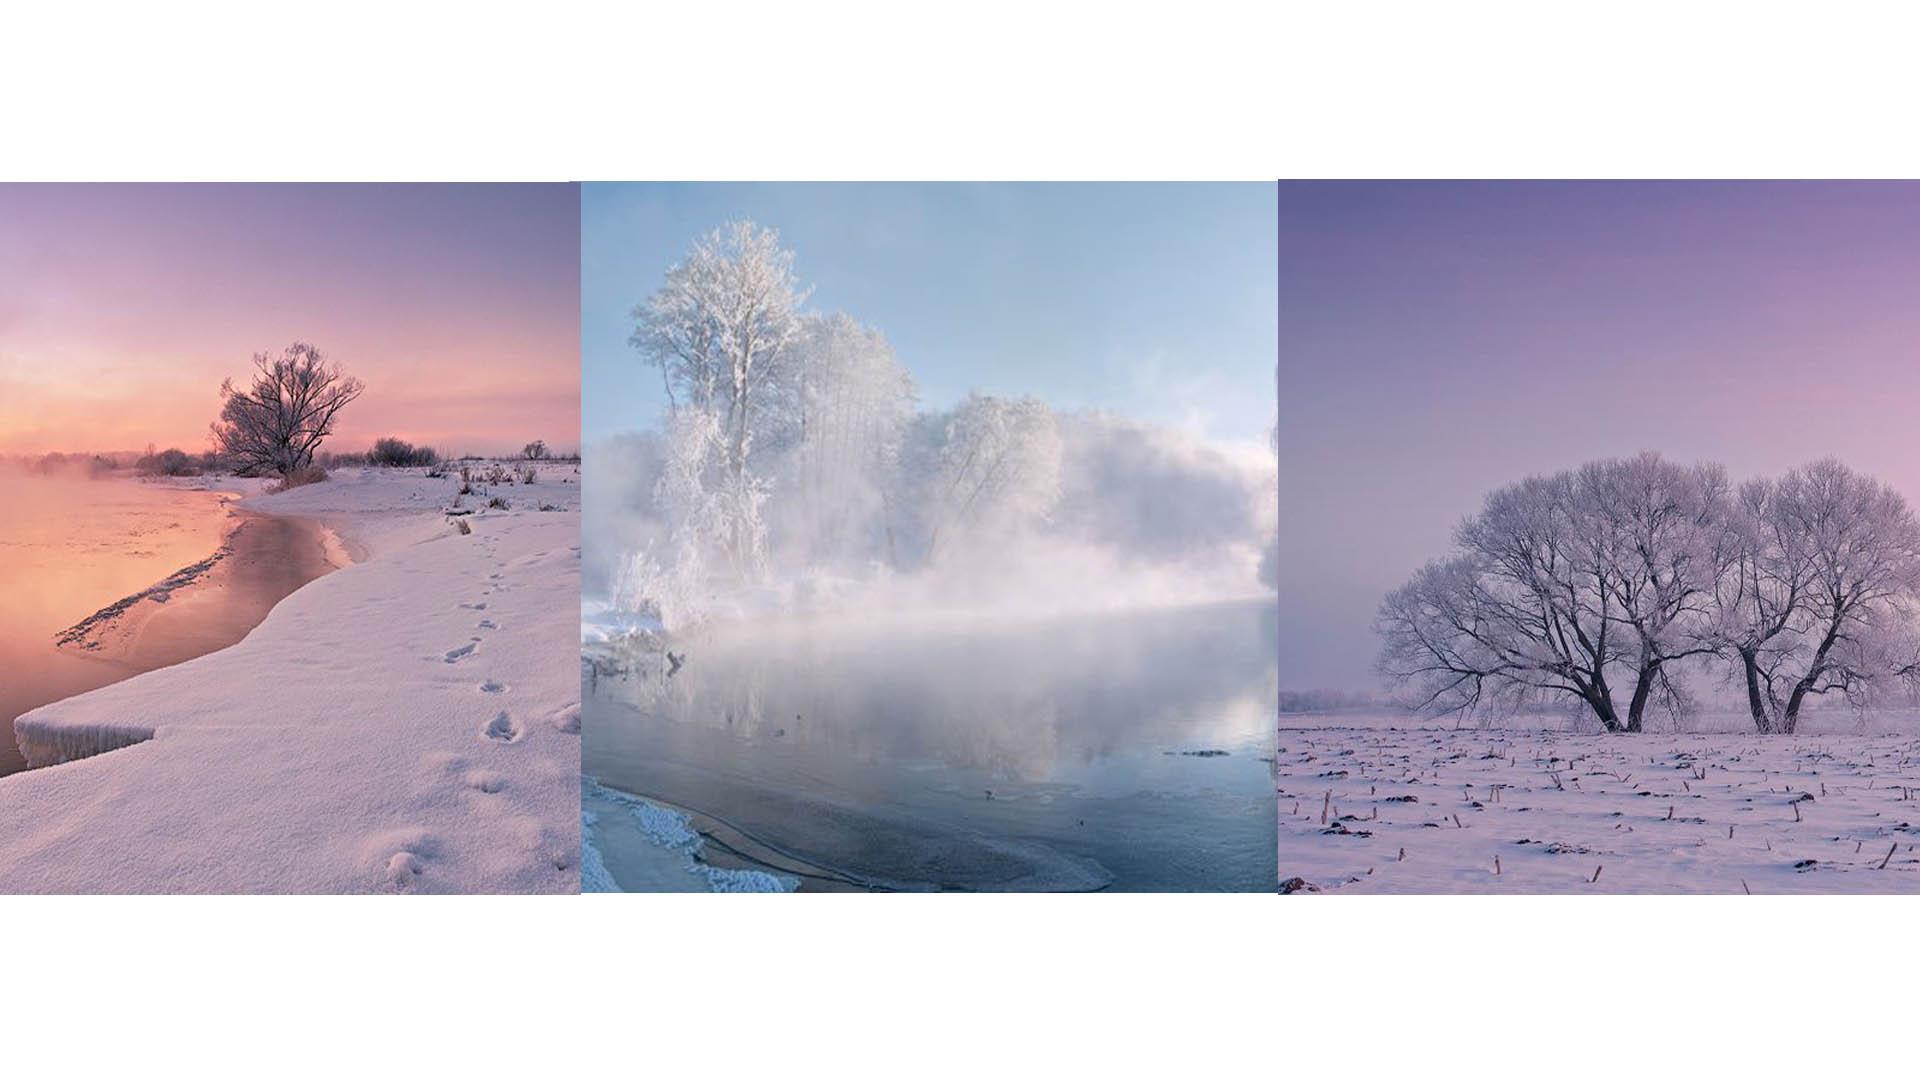 A través de Instagram un joven fotógrafo expone la belleza invernal de su país natal